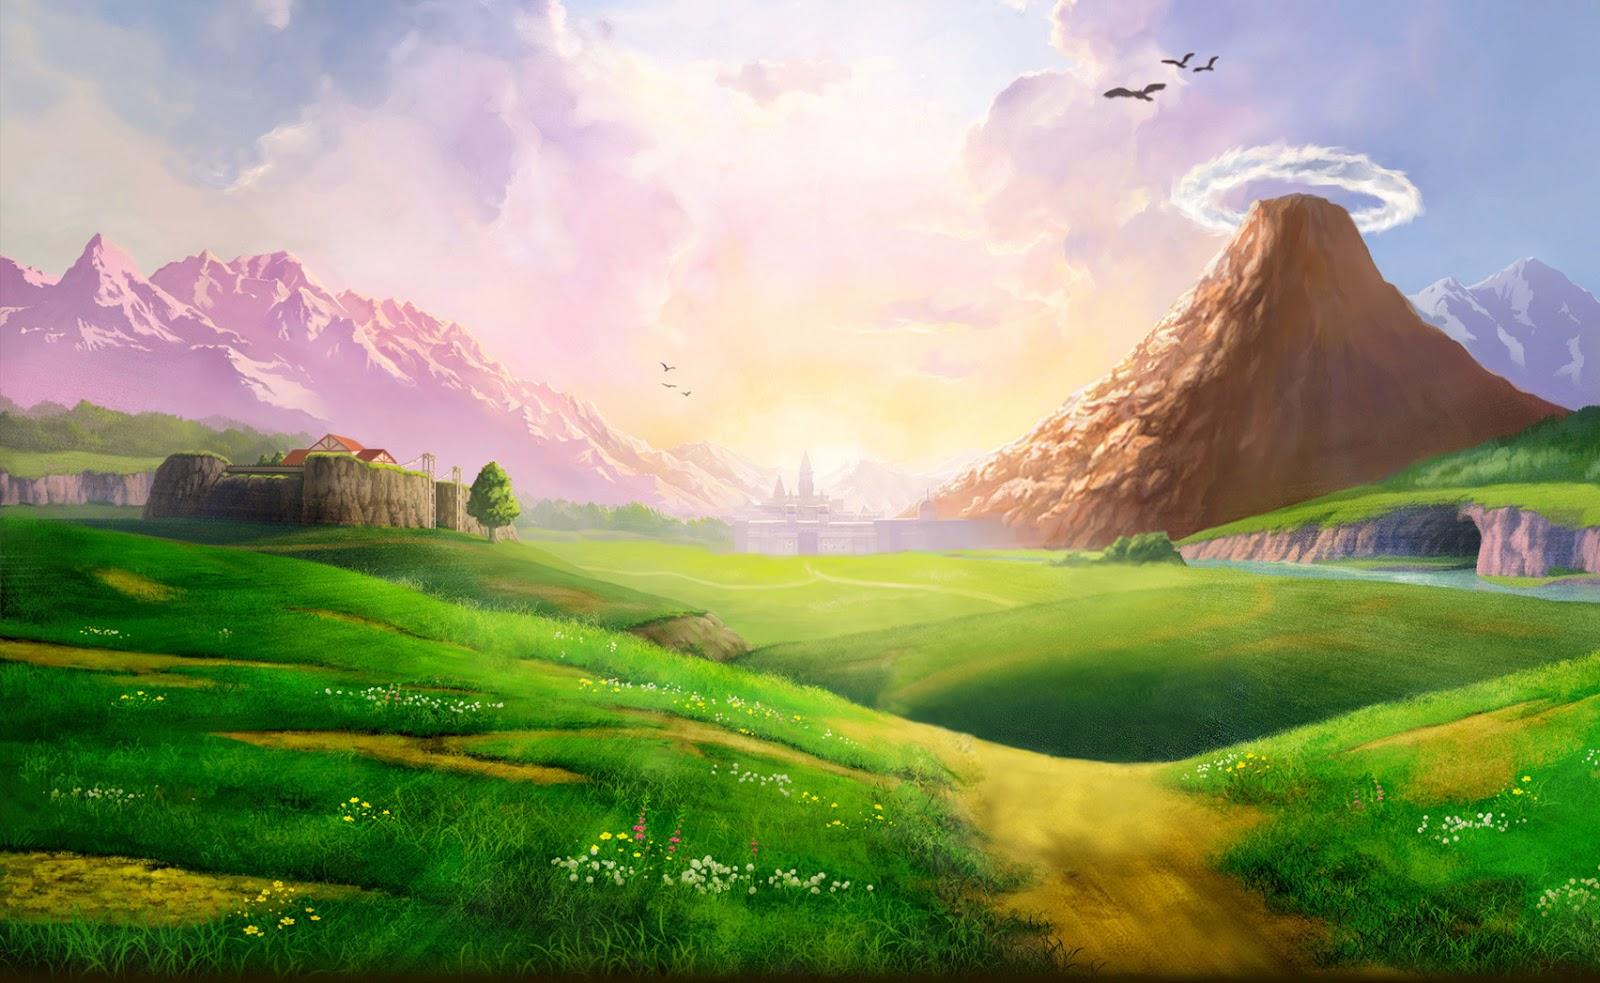 Pravila Arc-a Sky+Anime+Landscape+16